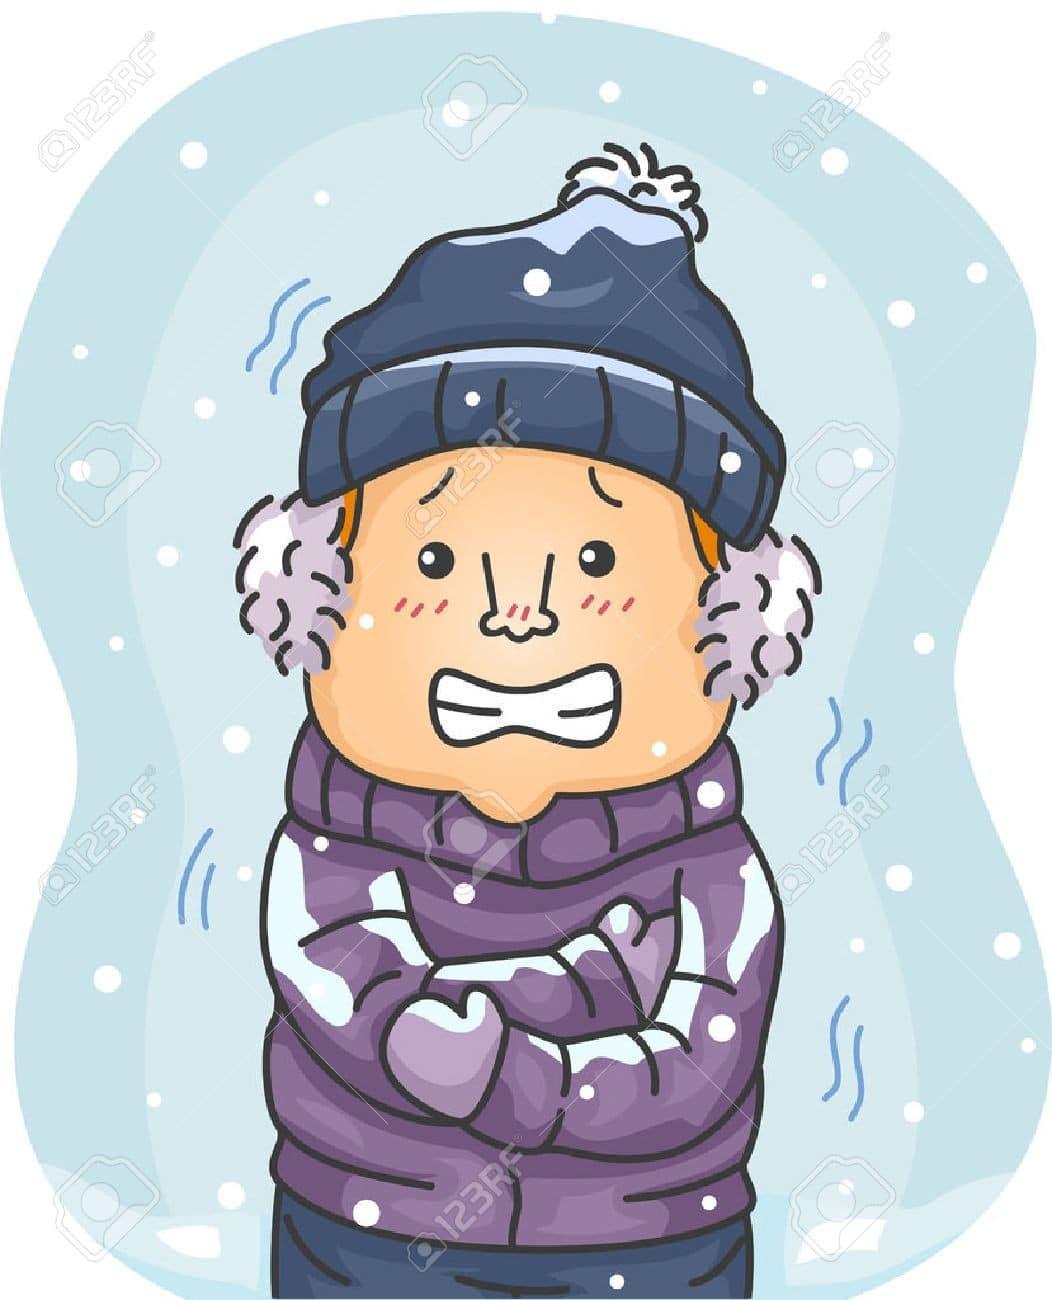 Dessine moi un Père Noël [En cours jusqu'au 30/12] 30833353-illustration-d-un-homme-en-vetements-d-hiver-shivering-dur-a-cause-du-froid